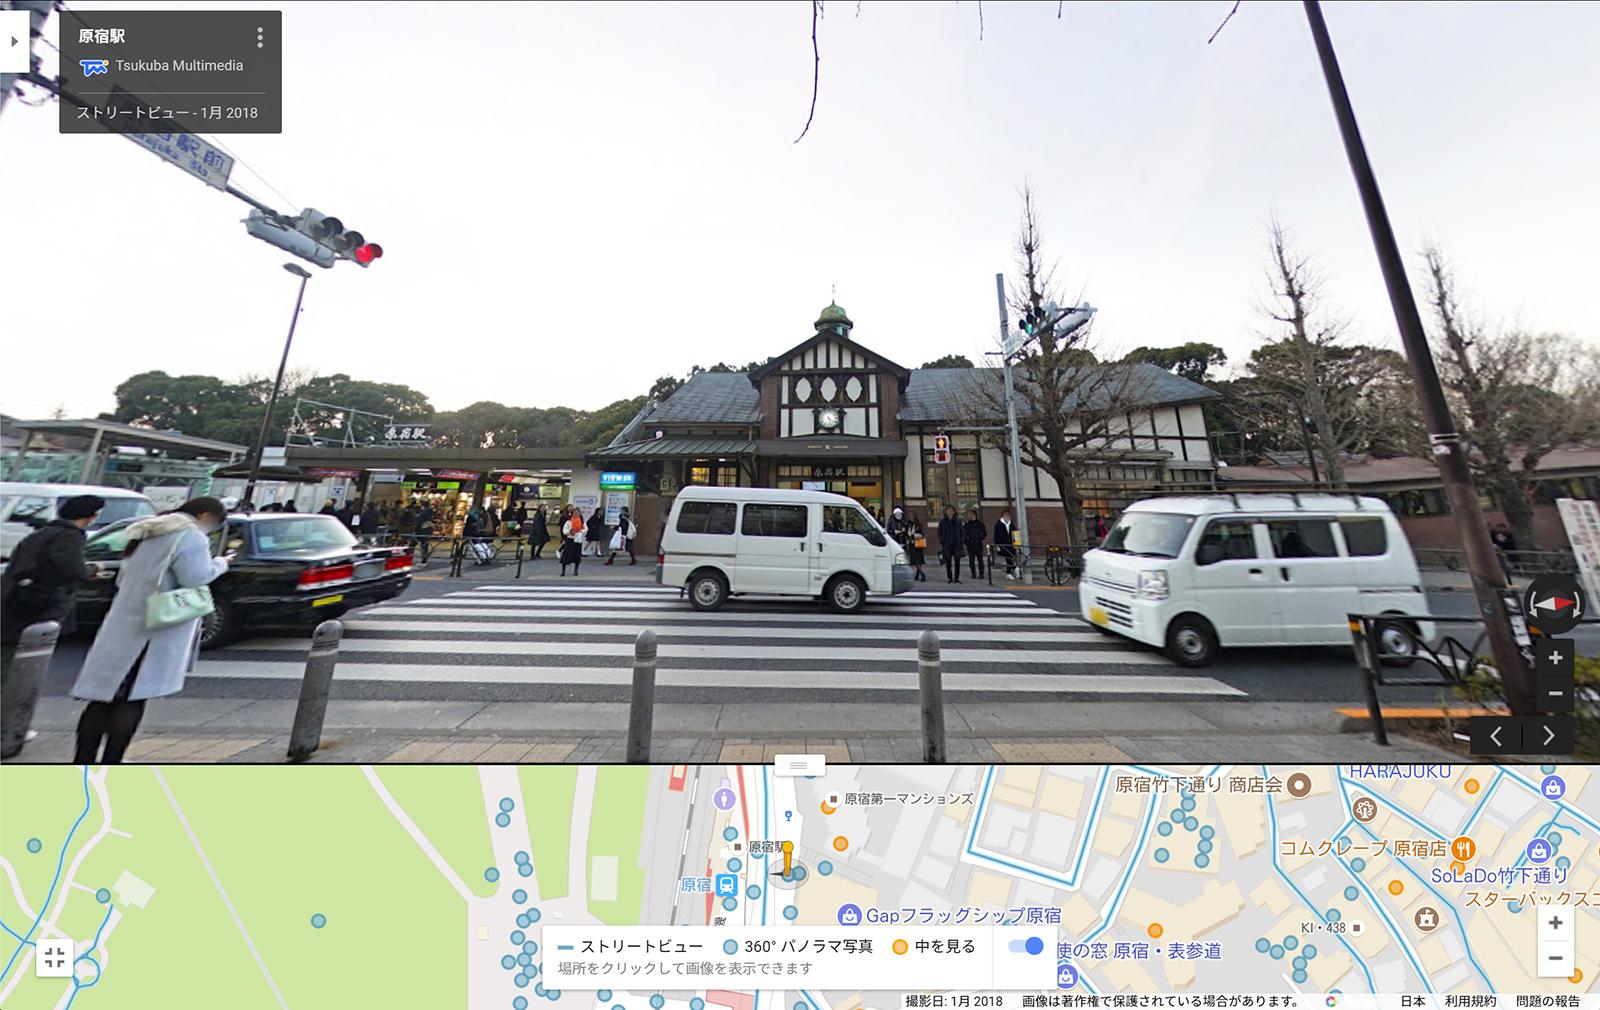 原宿駅前のストリートビュー写真